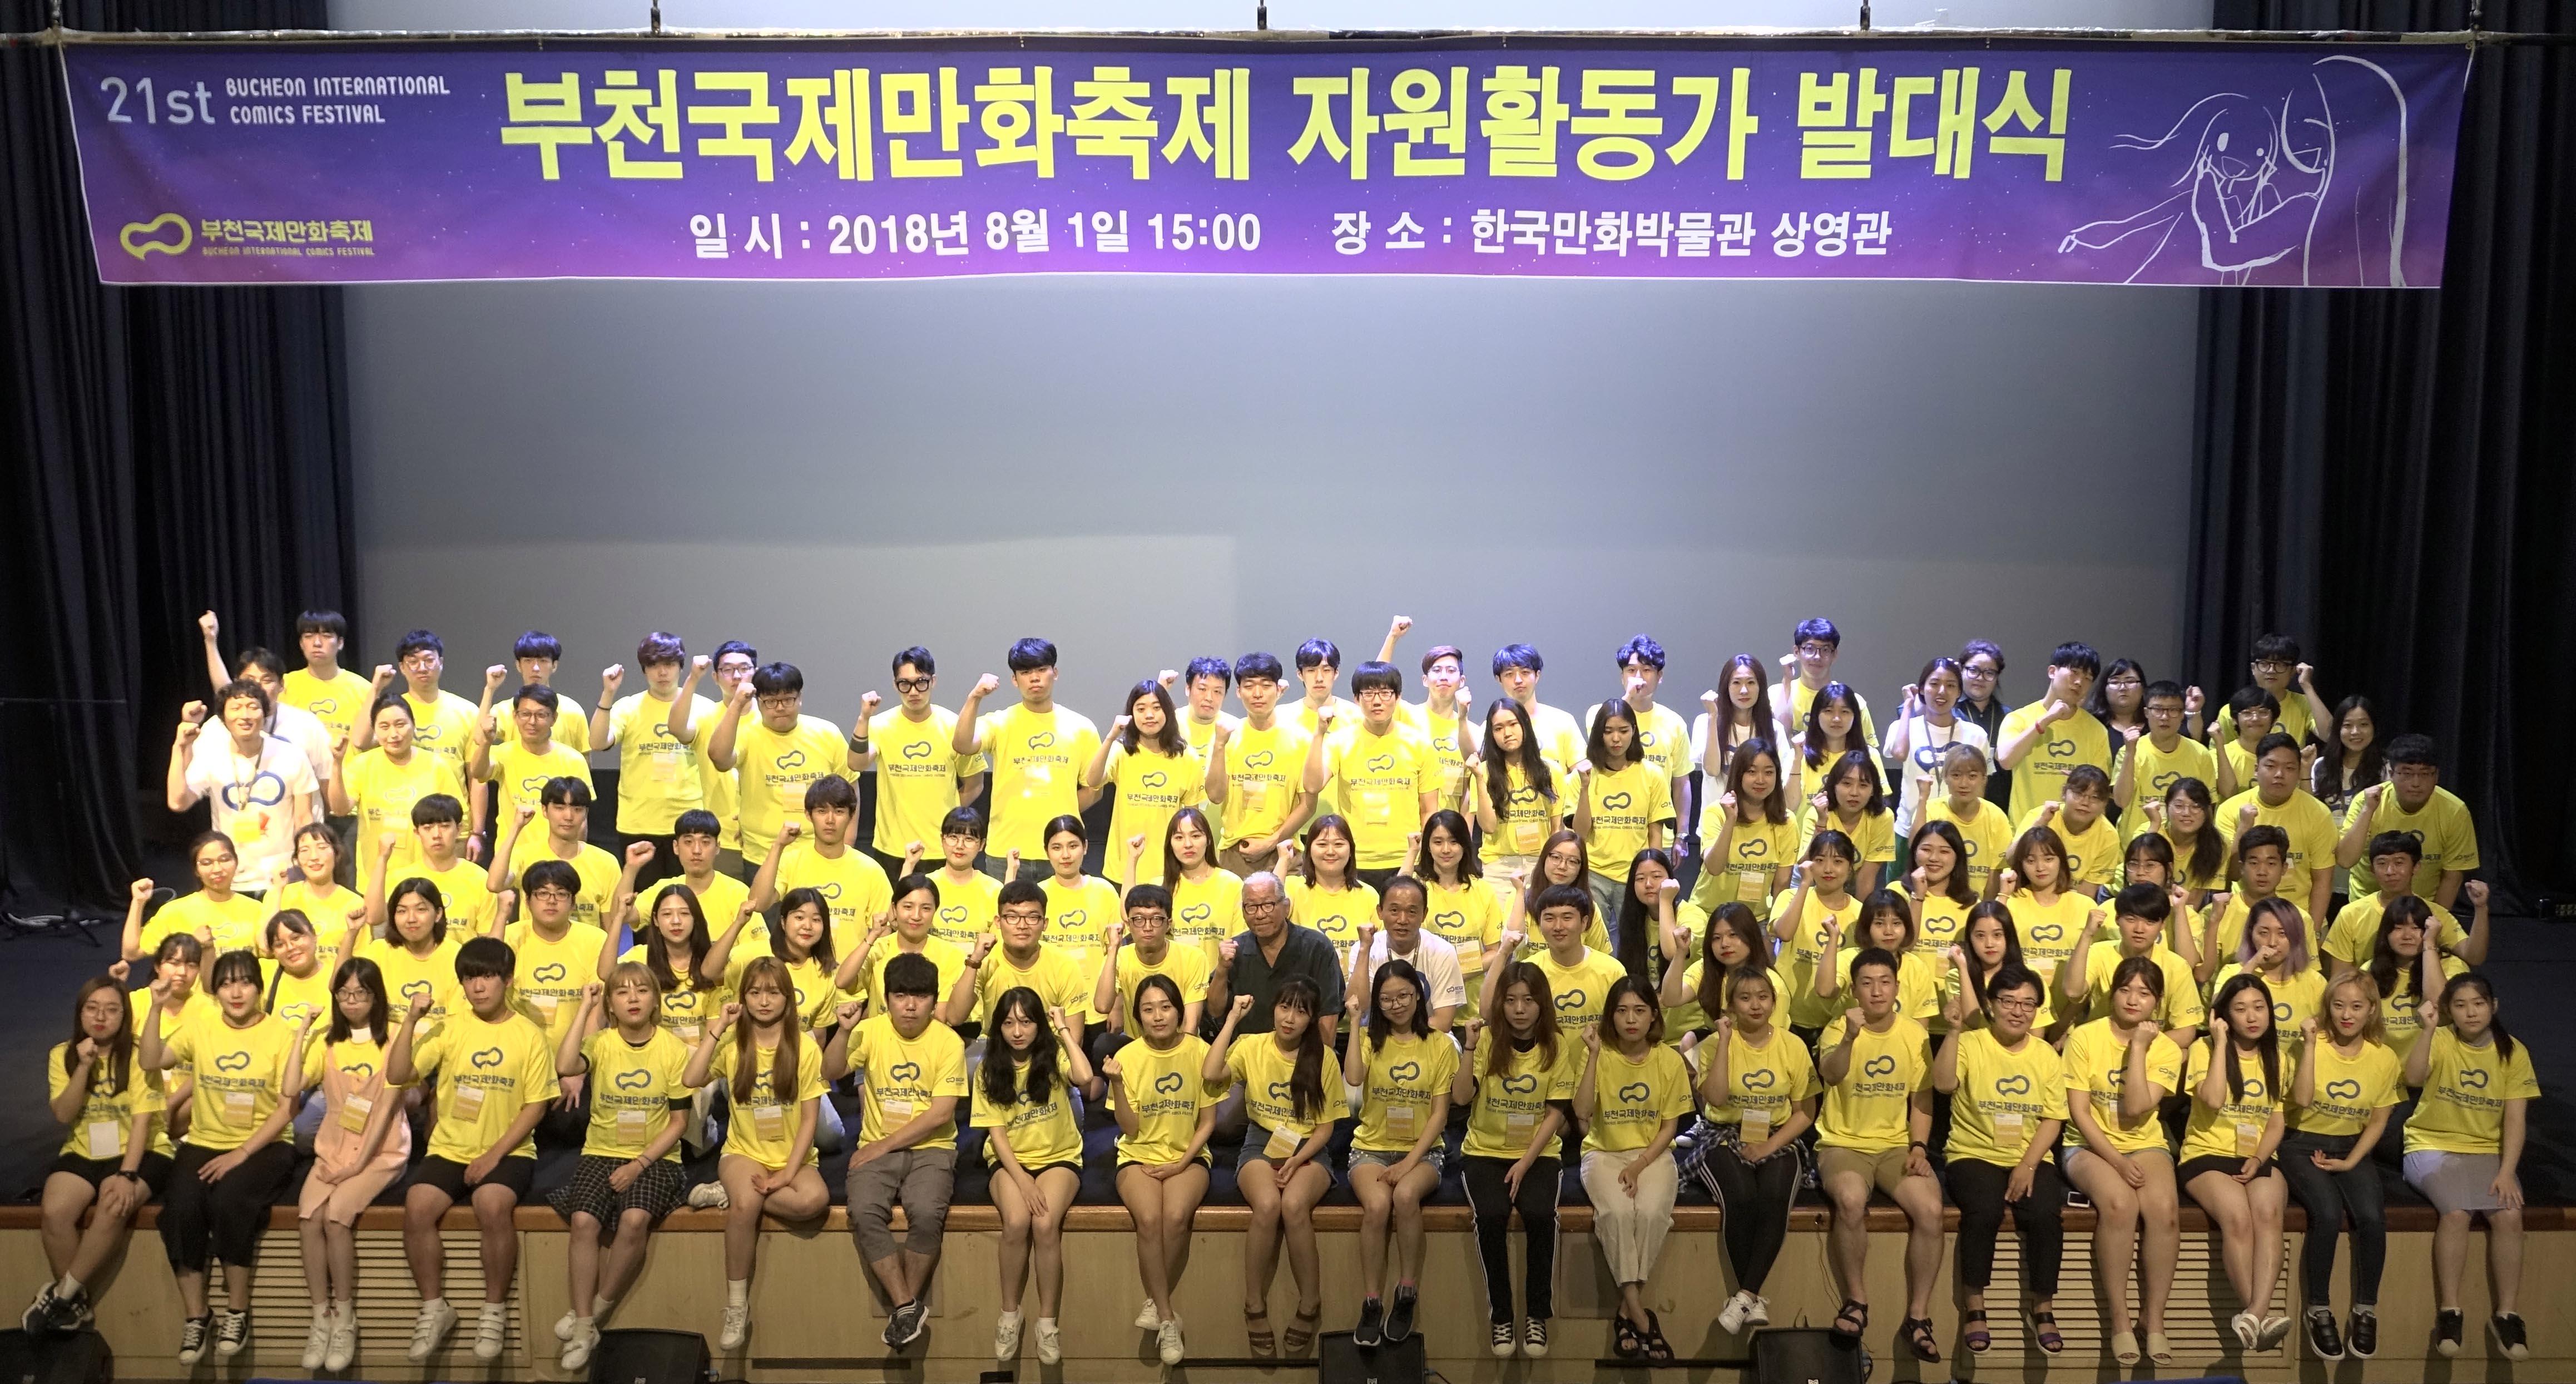 제21회 부천국제만화축제 자원봉사단 '비코프렌즈' 발대식